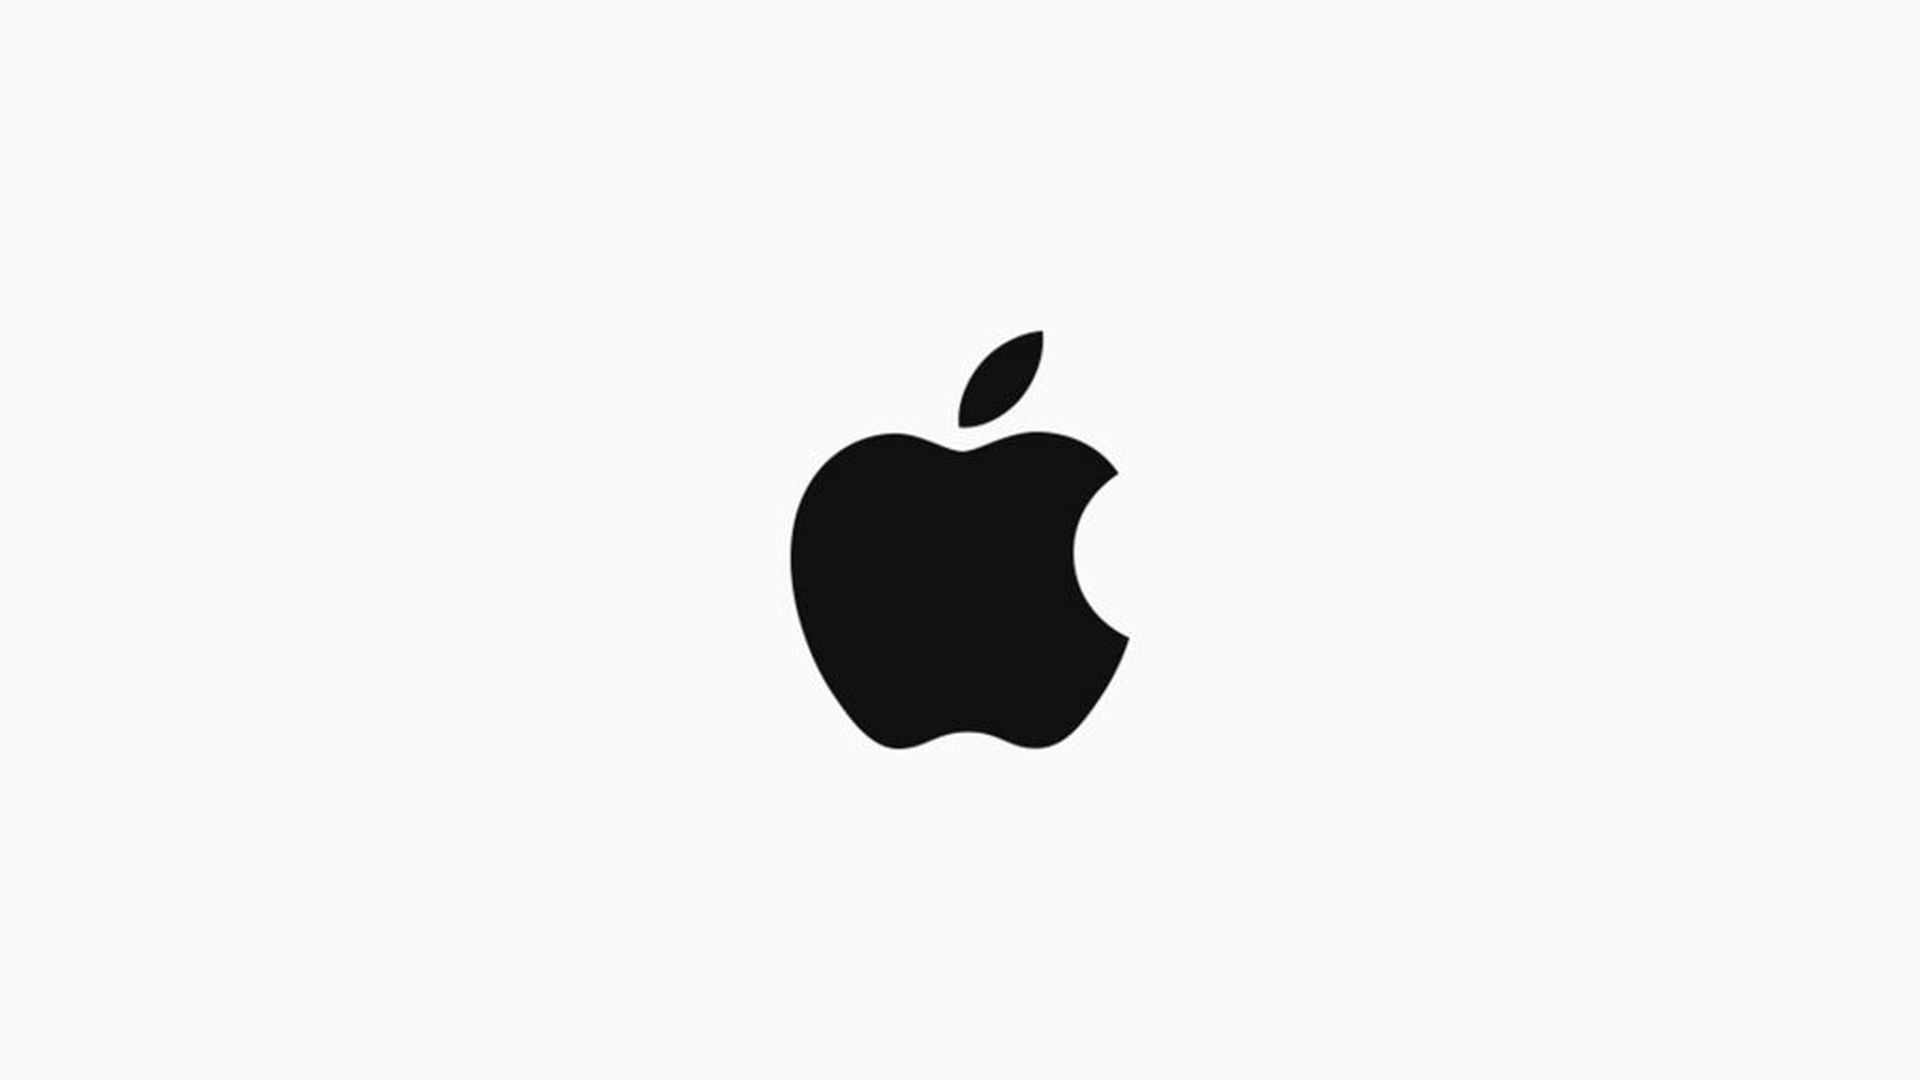 Apple najpopularniejszy producent smartfonów w 4 kwartale 2020 roku